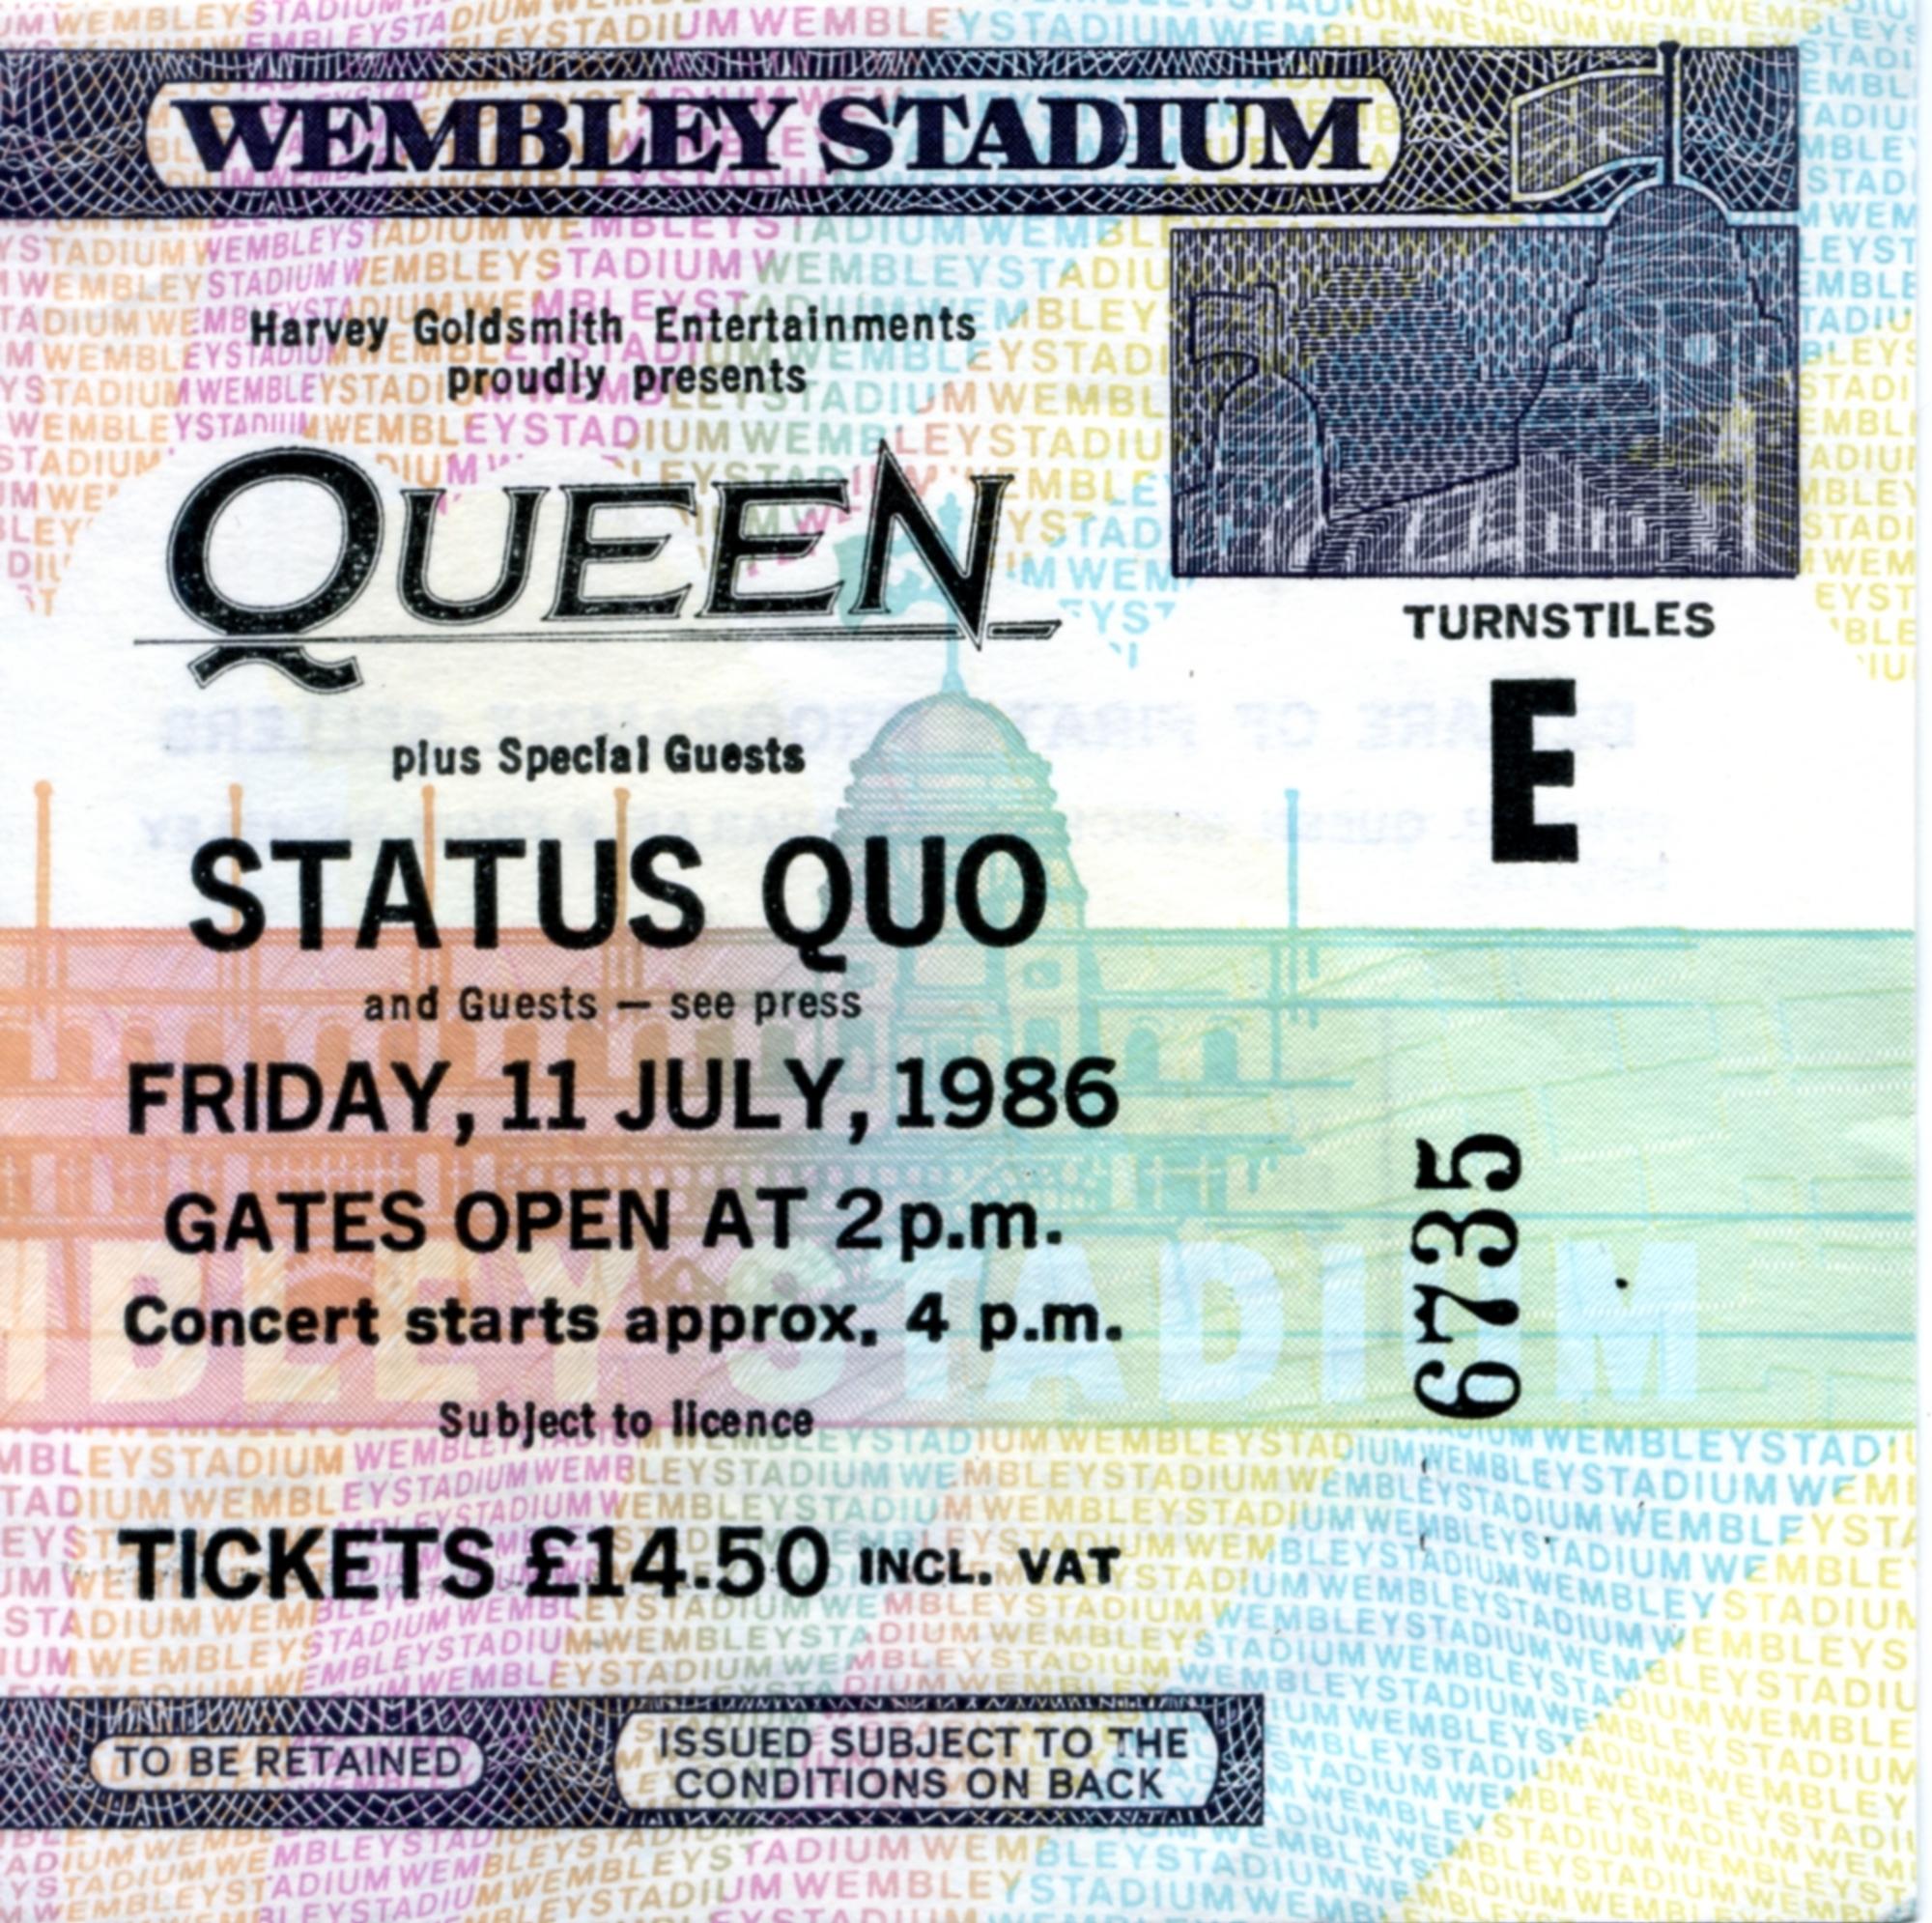 Fri 11th July – UK, London, Wembley Stadium